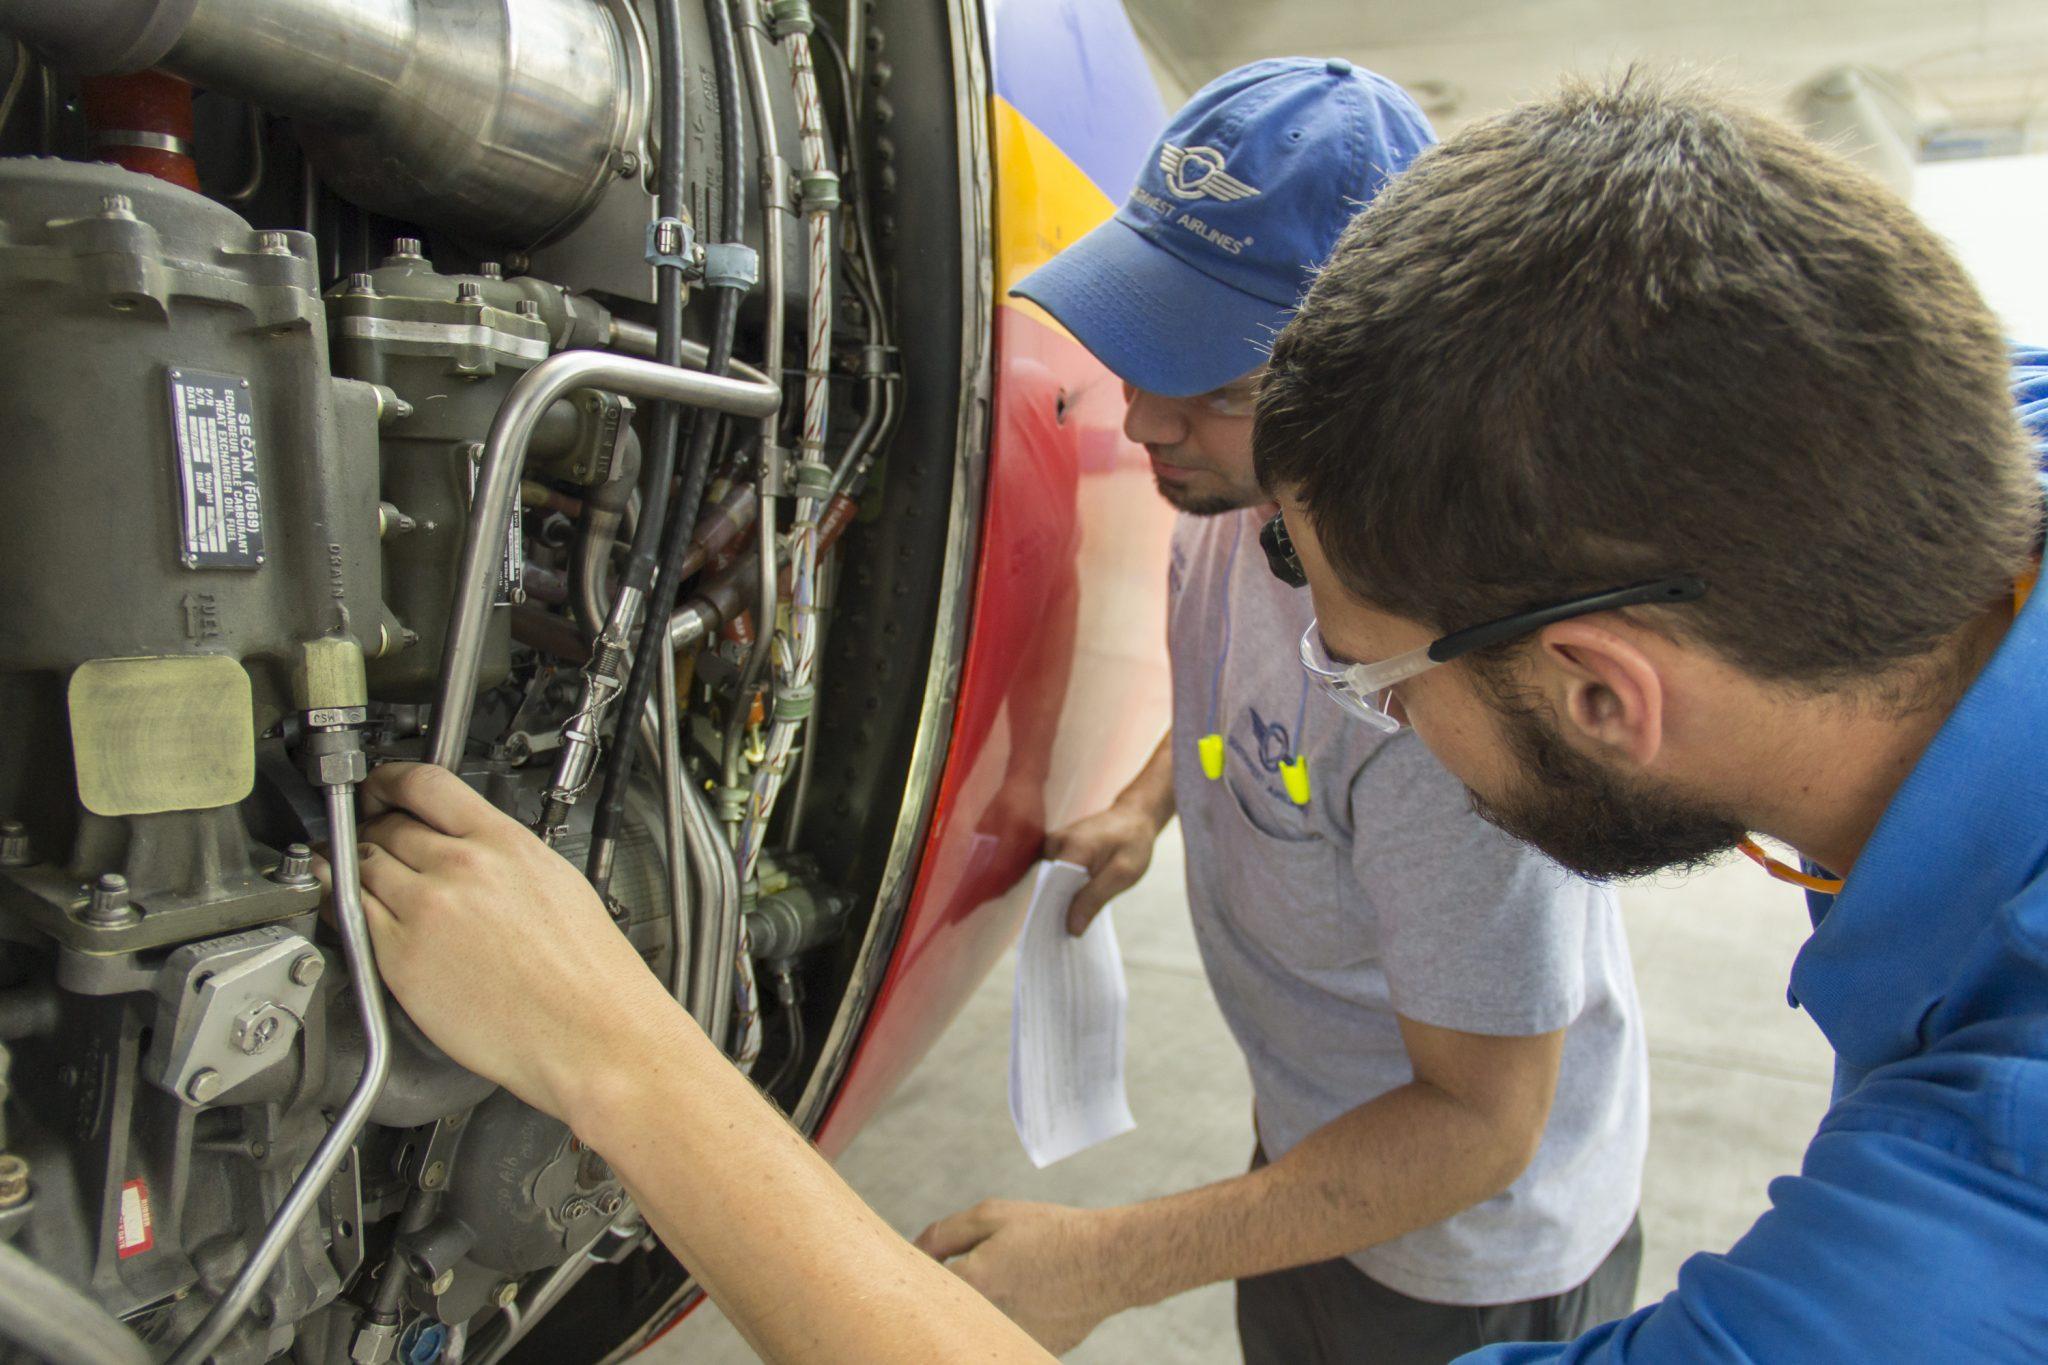 Maintenance technicians working on an aircraft